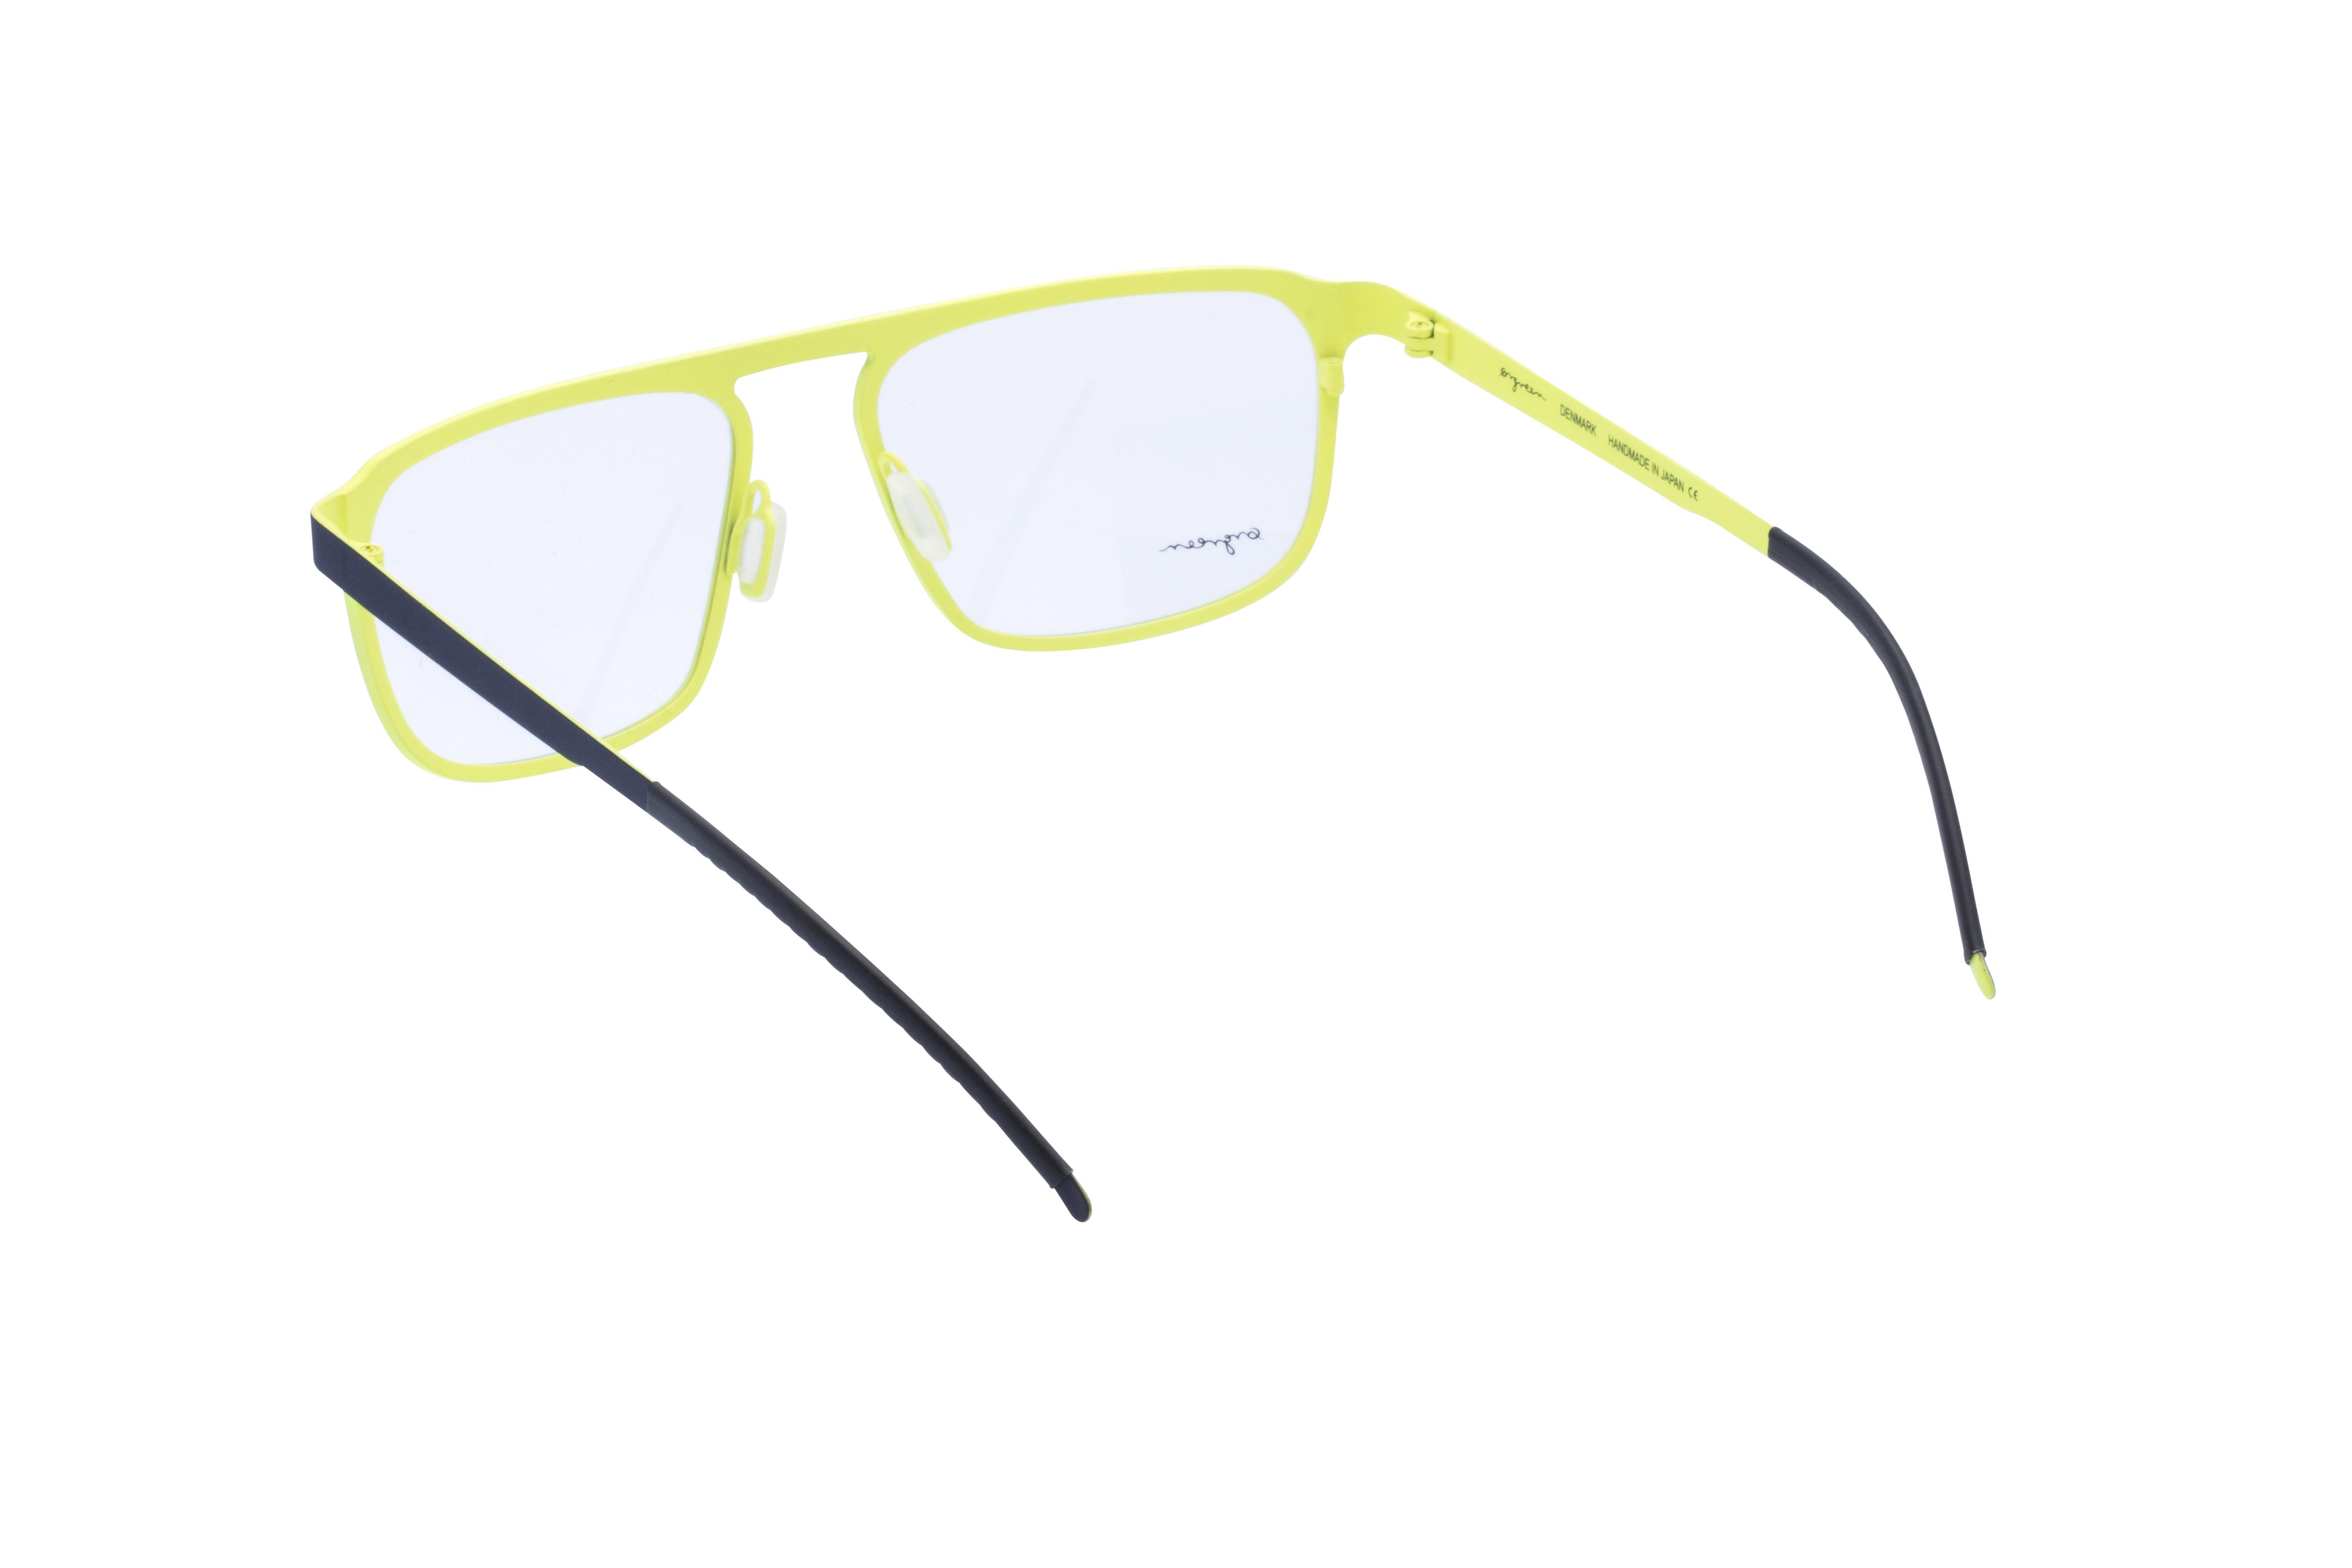 360 Grad Ansicht 14 Orgreen Crow, Brille auf Weiß - Fassung bei KUNK